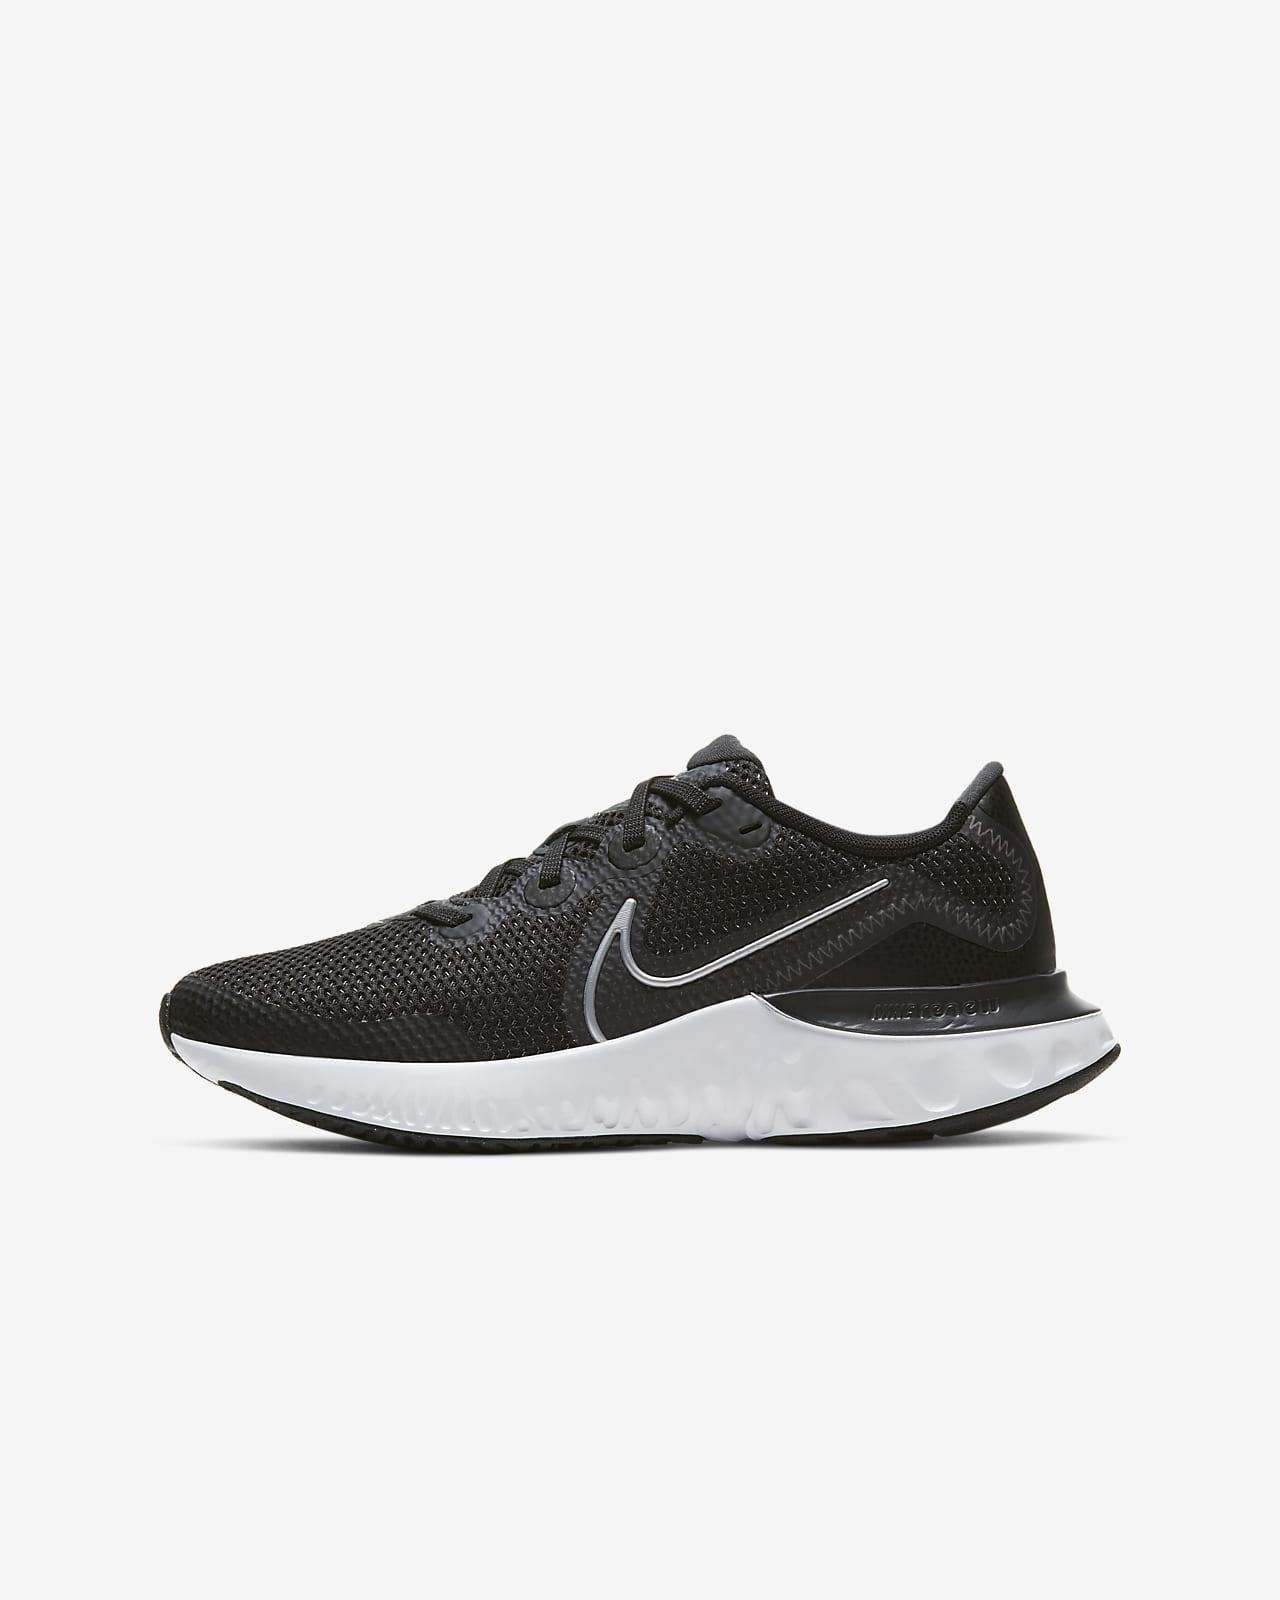 Nike Renew Run Older Kids' Running Shoes